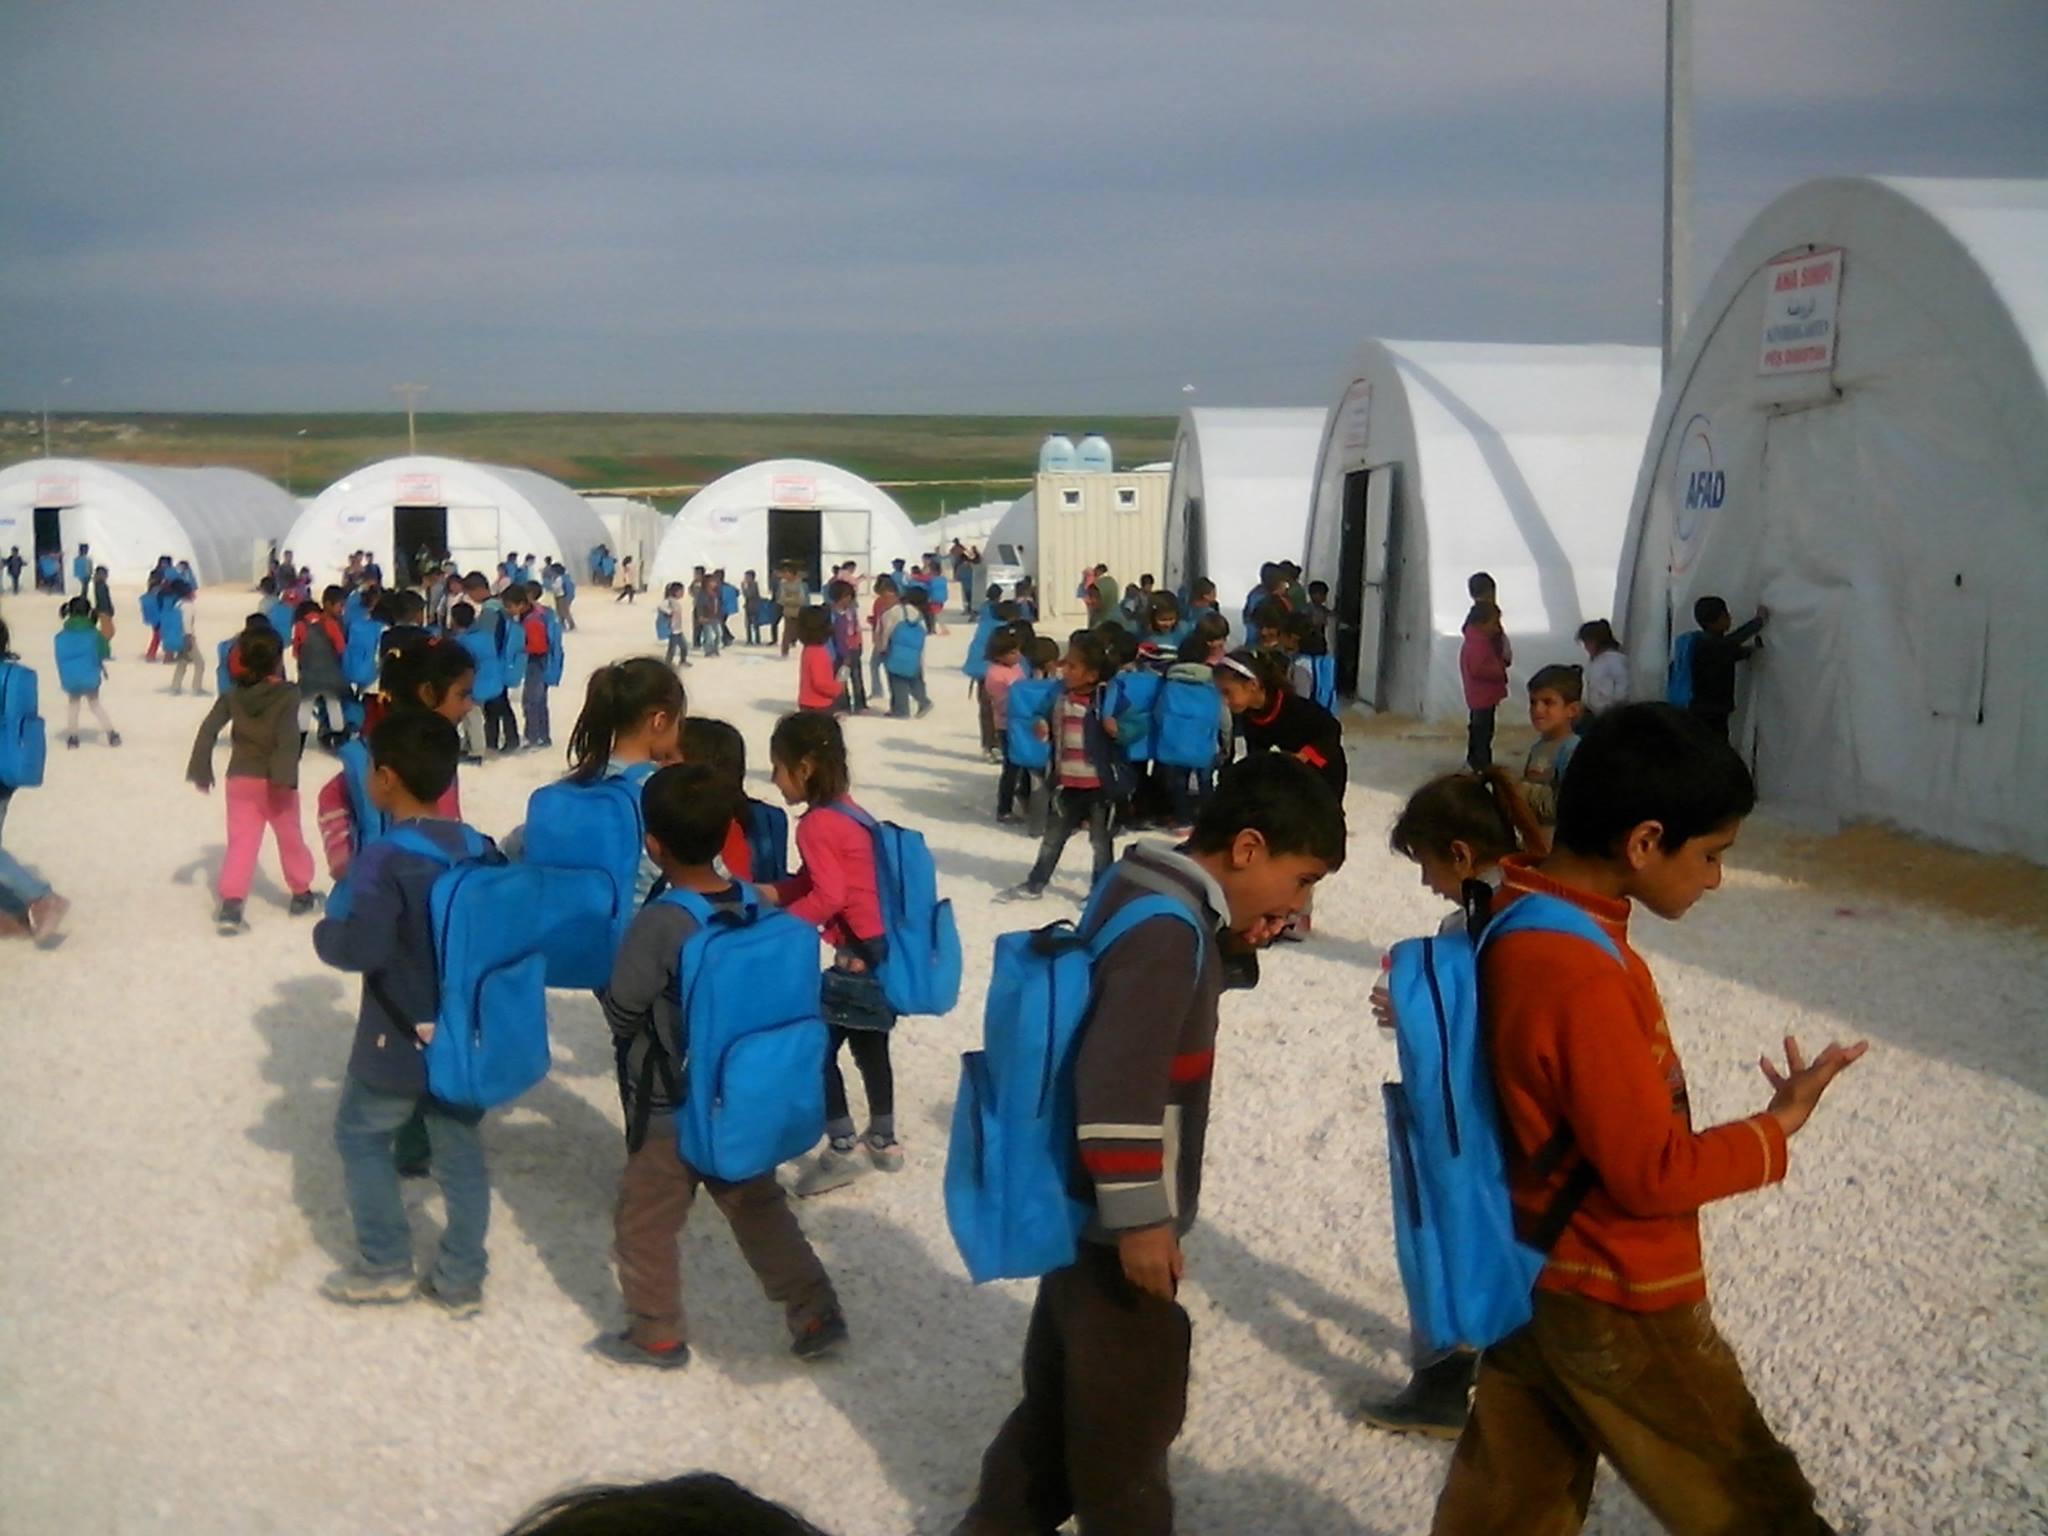 مسؤول في التربية التركية: الفرصة متاحة أمام المدرسين العاملين في المراكز المؤقتة للعمل في المدارس التركية